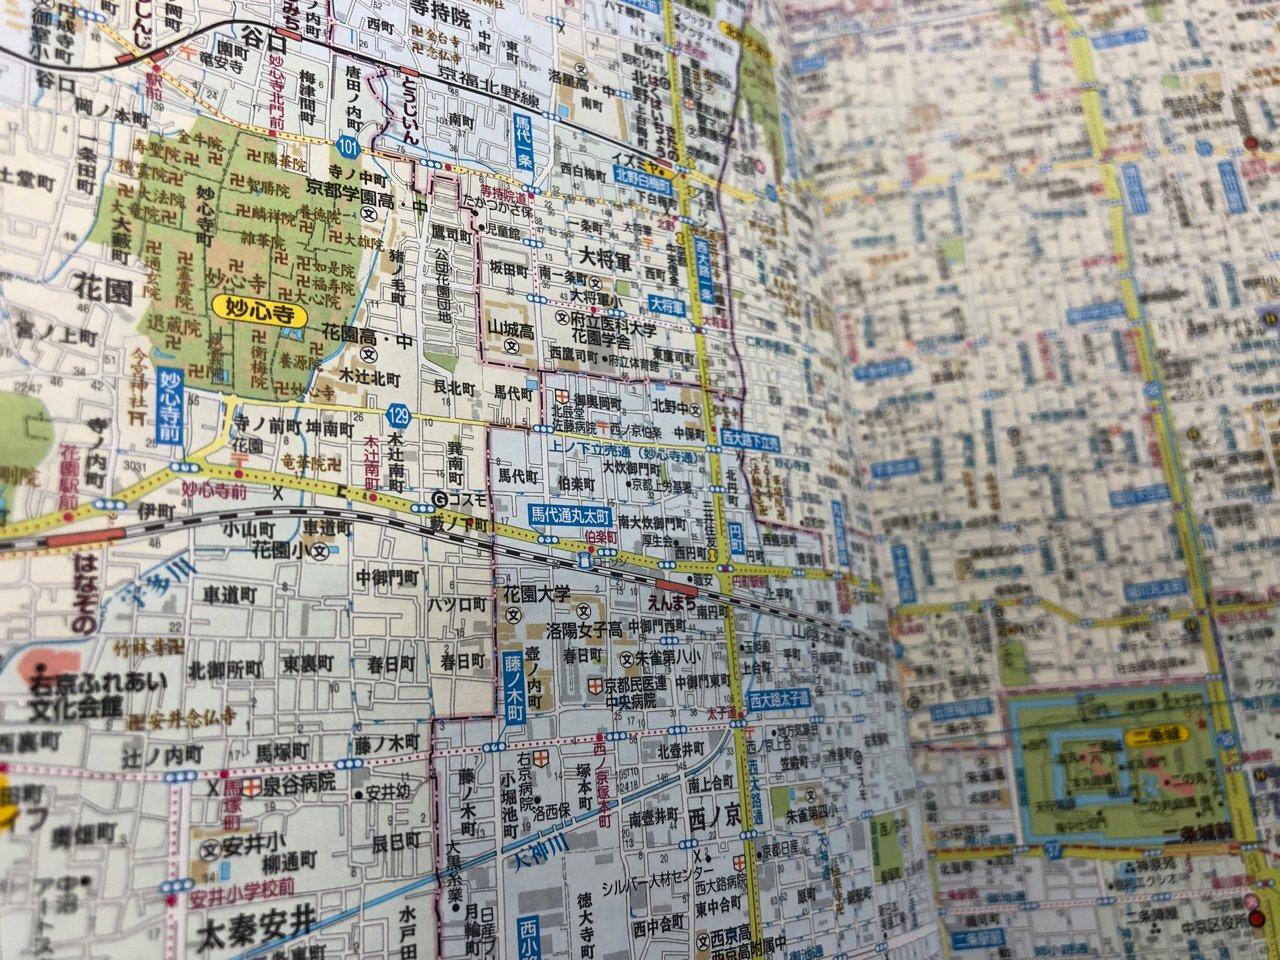 卍がたくさん。  アトラスRDX 関西道路地図 B5 (2004年3月発行) https://t.co/vFdoYNHTOi